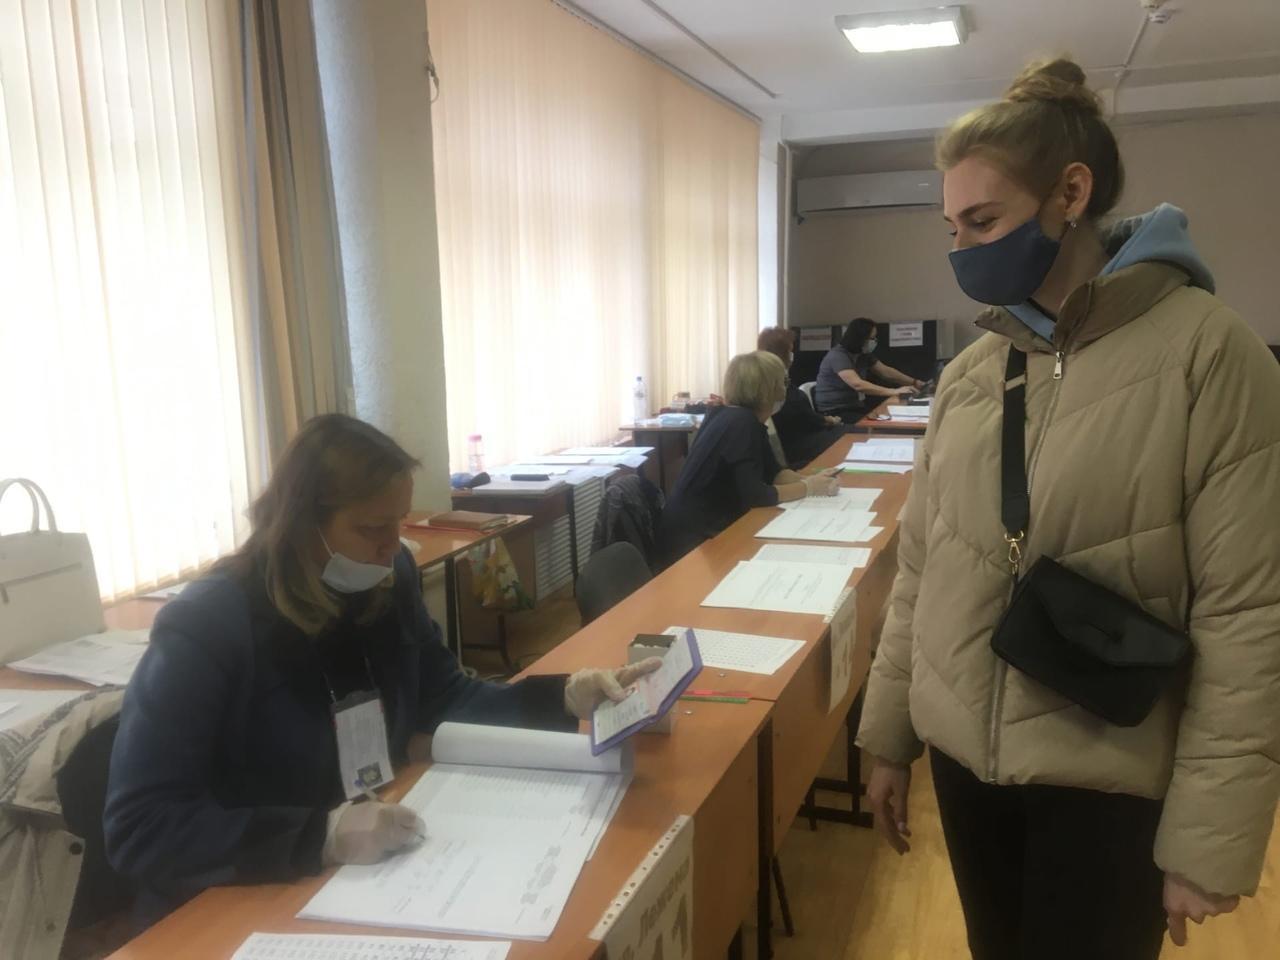 Фото Выборы в Новосибирске: онлайн дня голосования за депутатов Госдумы 19 сентября 2021 года 18